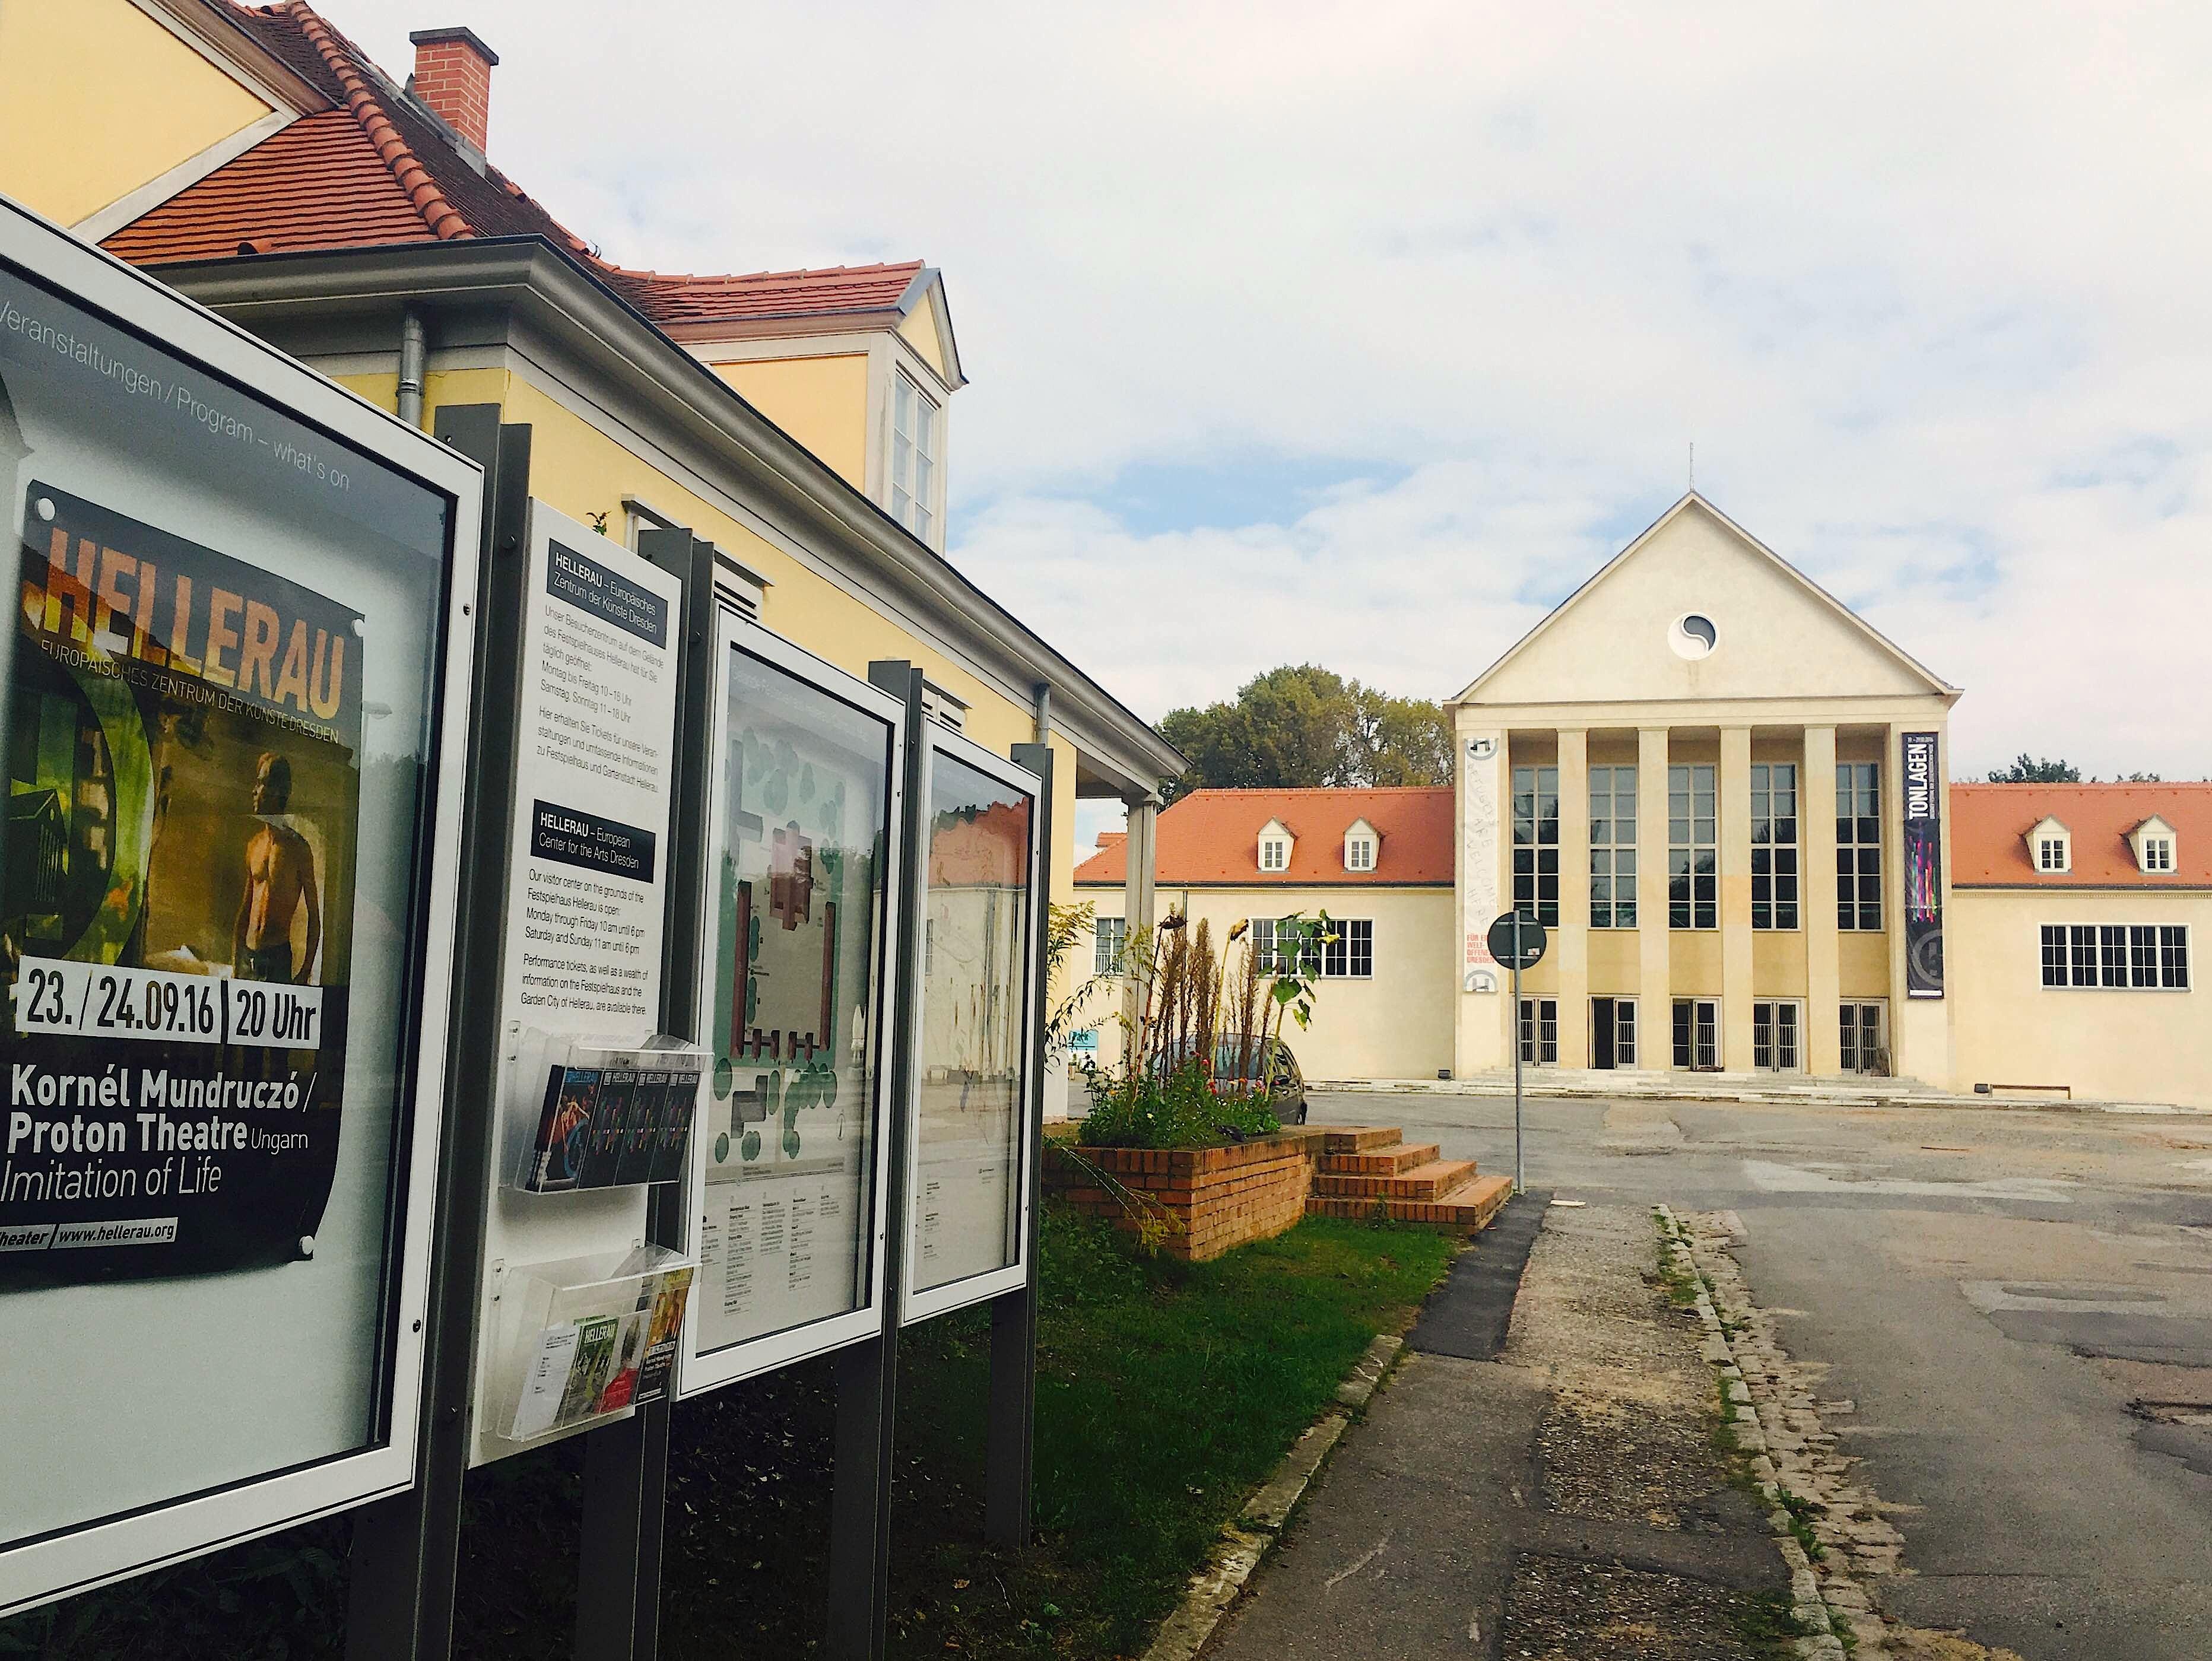 IOL Hellerau